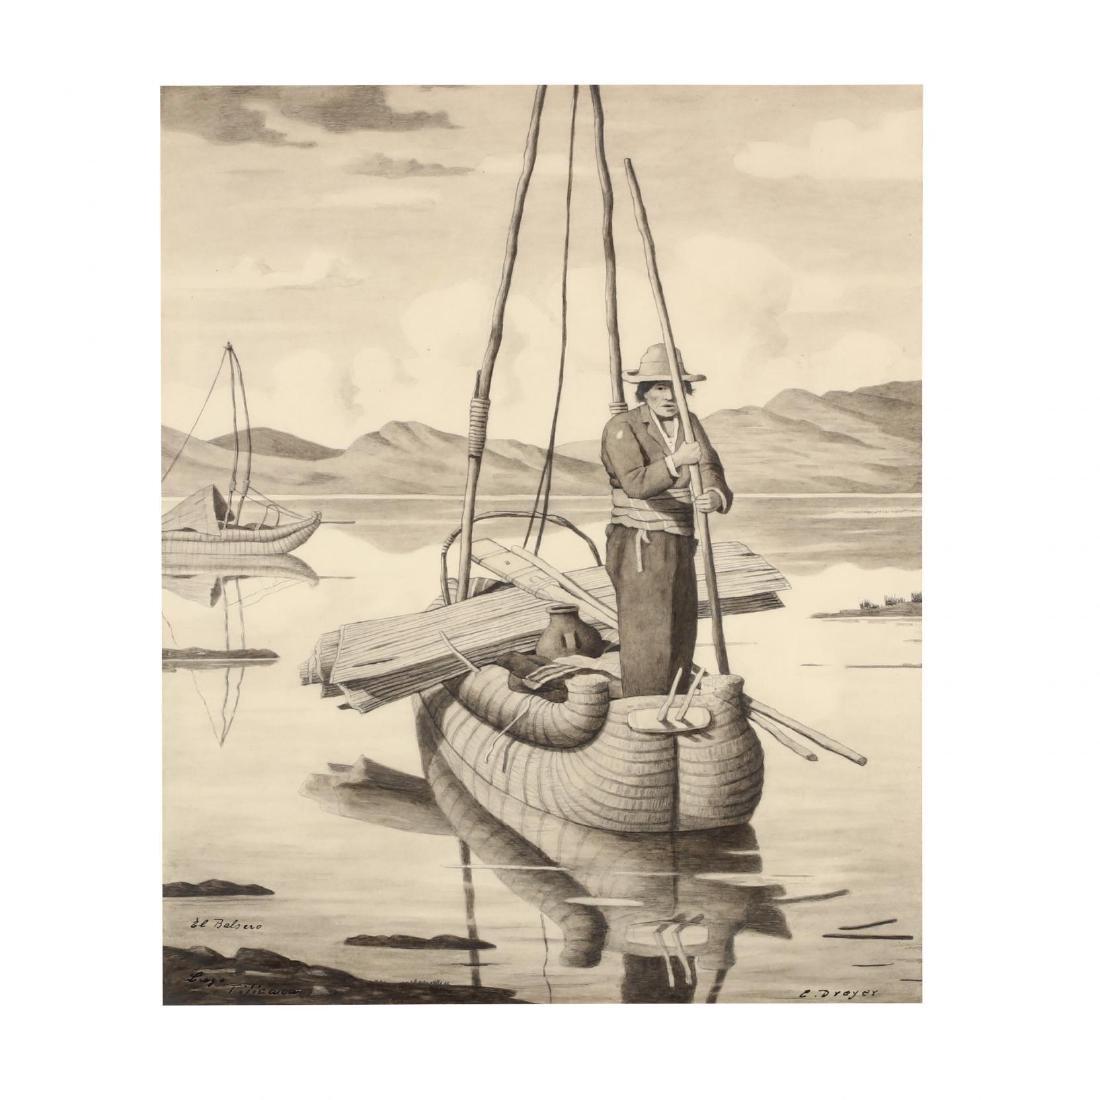 E. Dreyer (20th century),  El Balsero, Lago Ticicaca